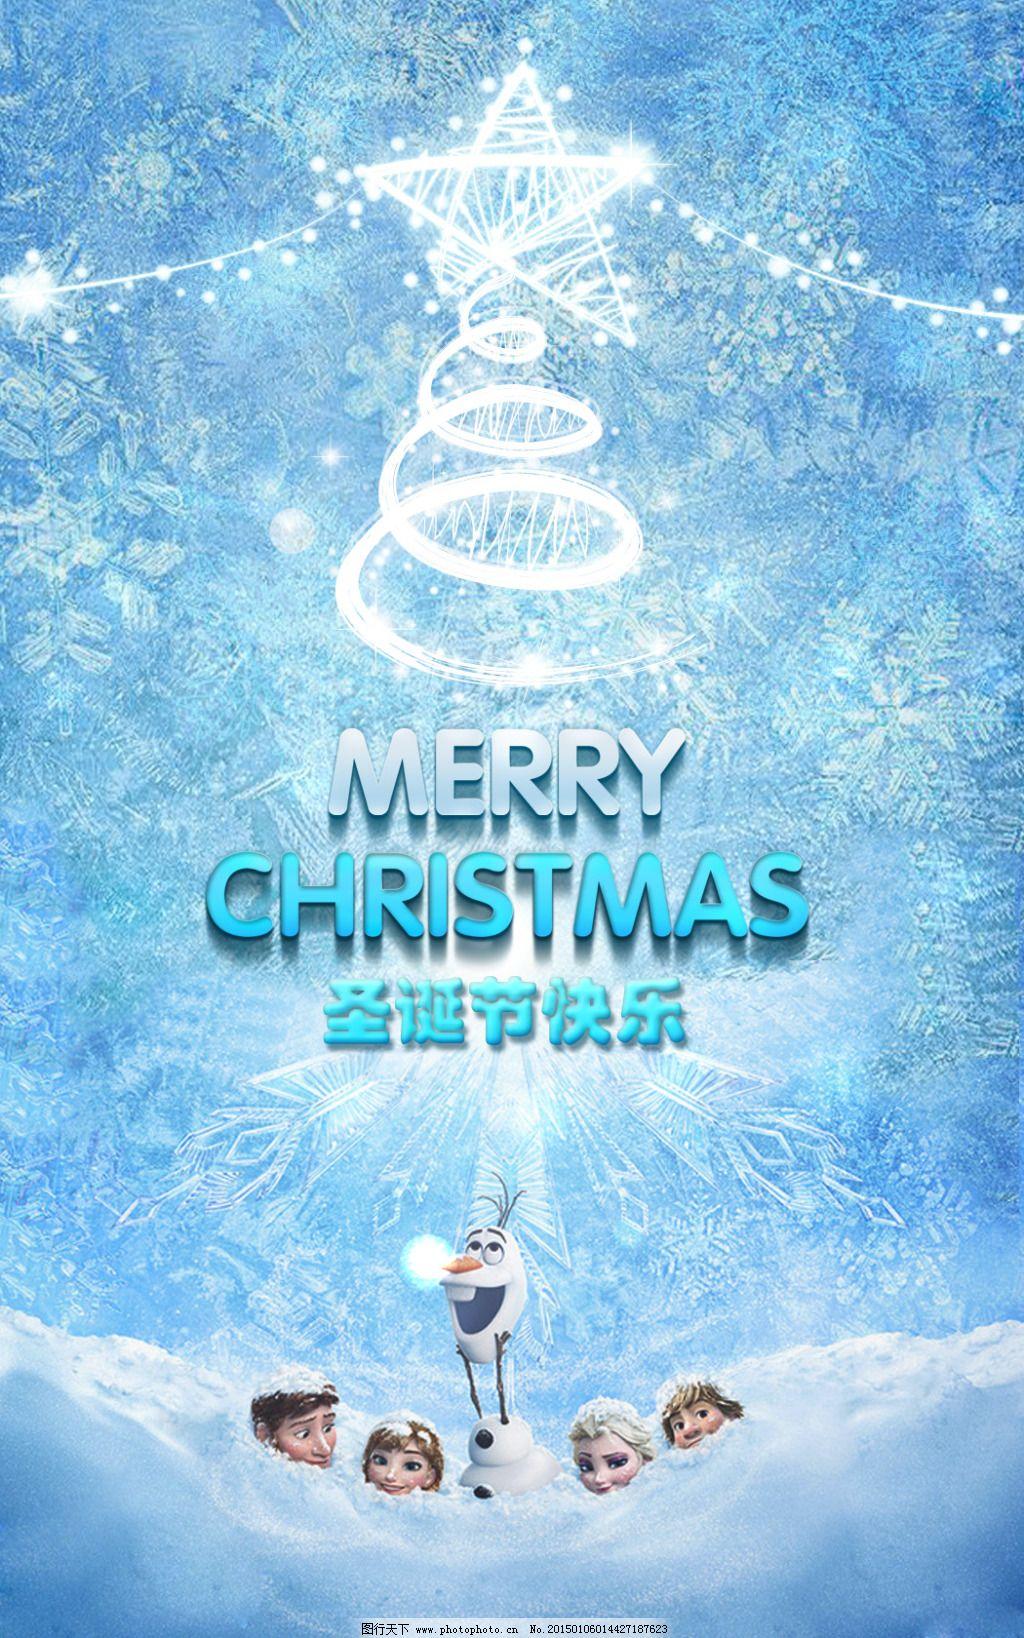 圣诞 圣诞免费下载 冰雪奇缘 圣诞节 雪人 原创设计 原创海报